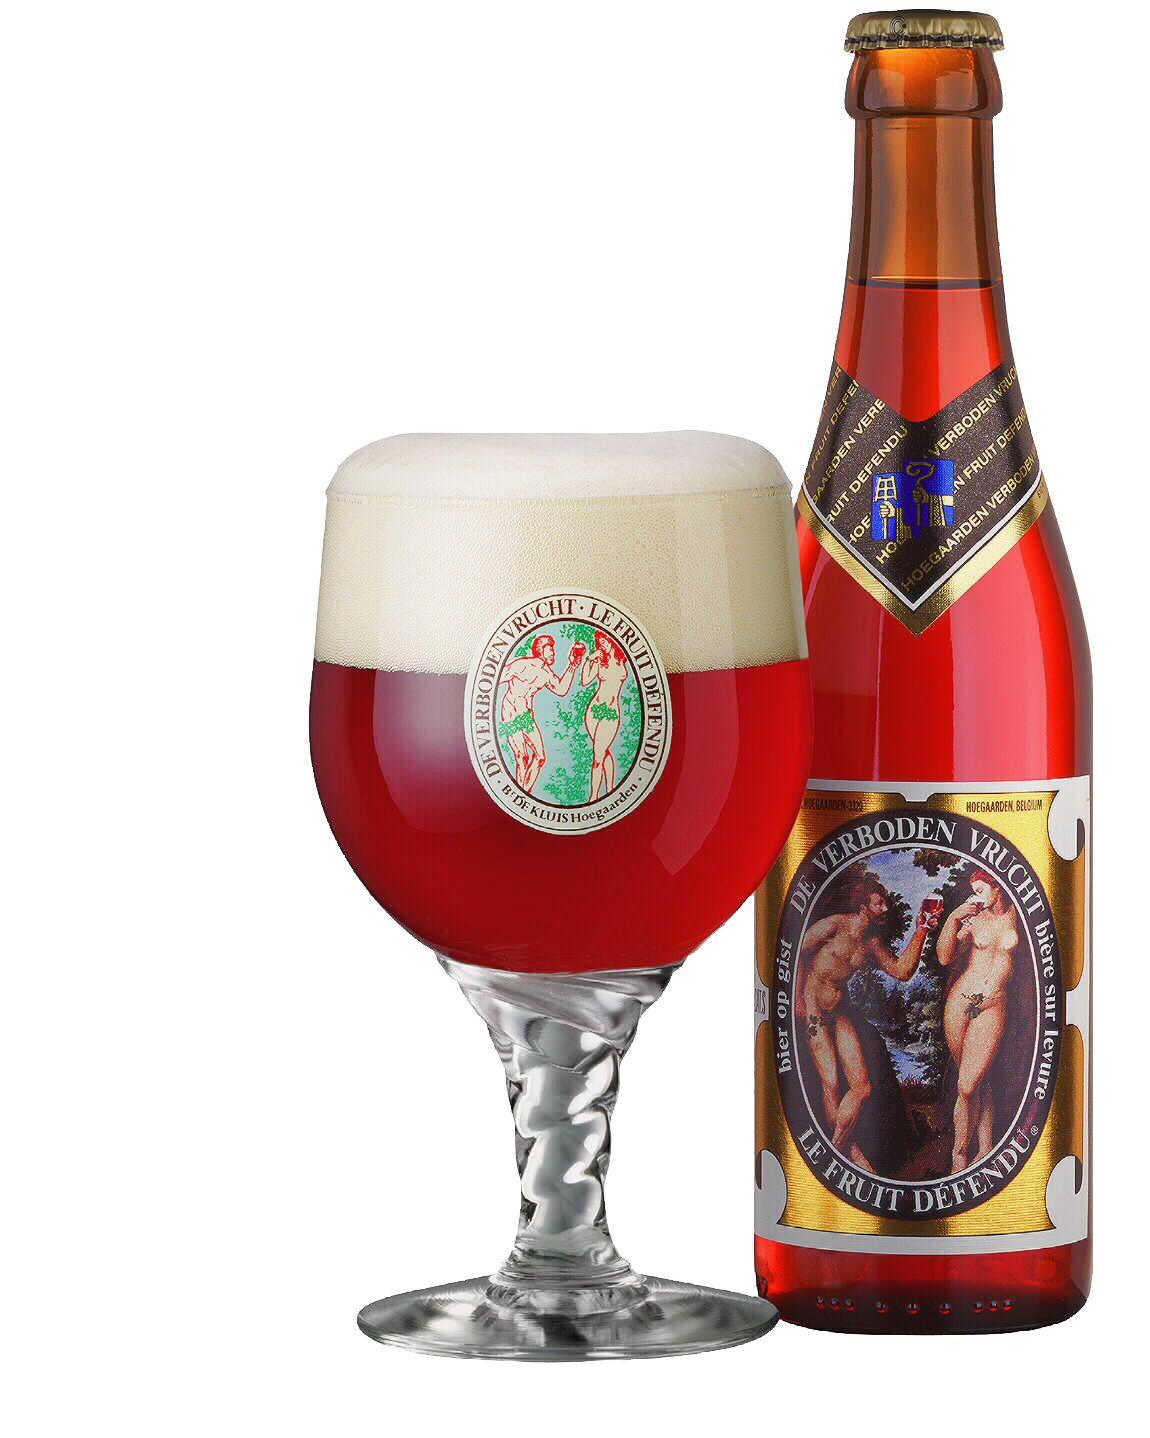 Fruit Defendu Verboden Vrucht Beer Glassware Hoegaarden Wine And Beer